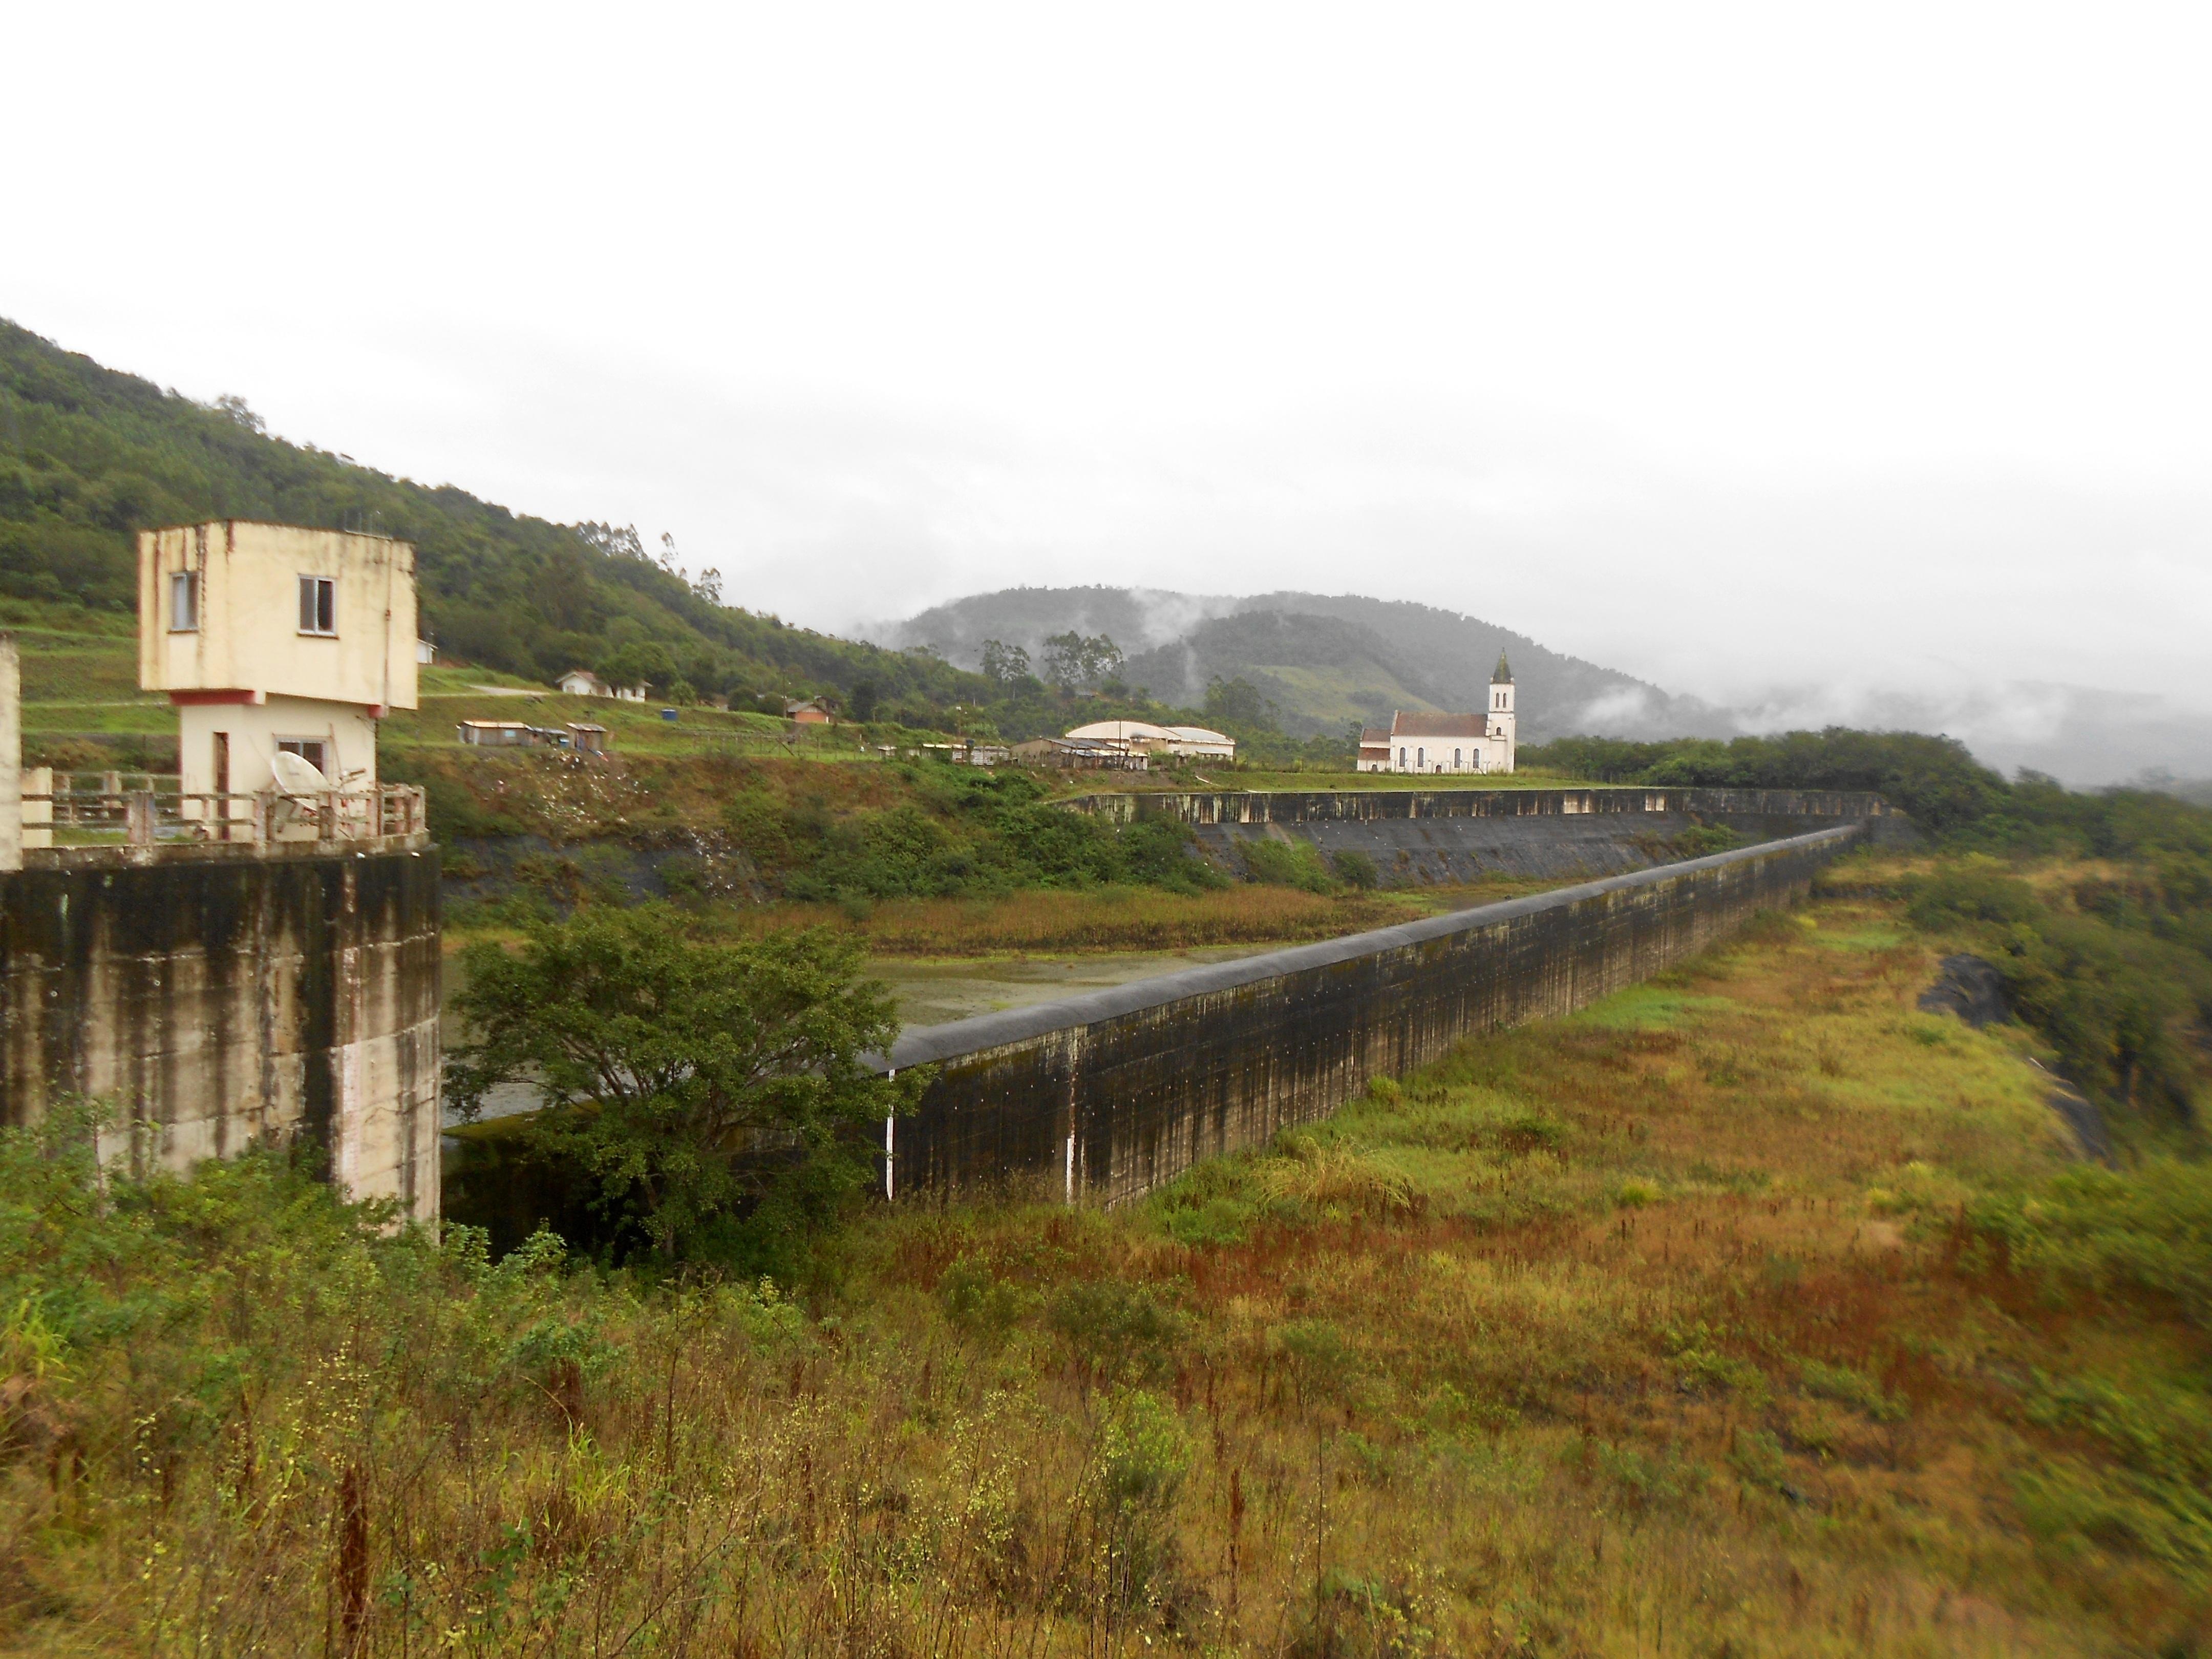 Barragem de José Boiteux é ocupada pelos indígenas desde 2015 - Otávio Júnior/Defesa Civil/Divulgação/ND